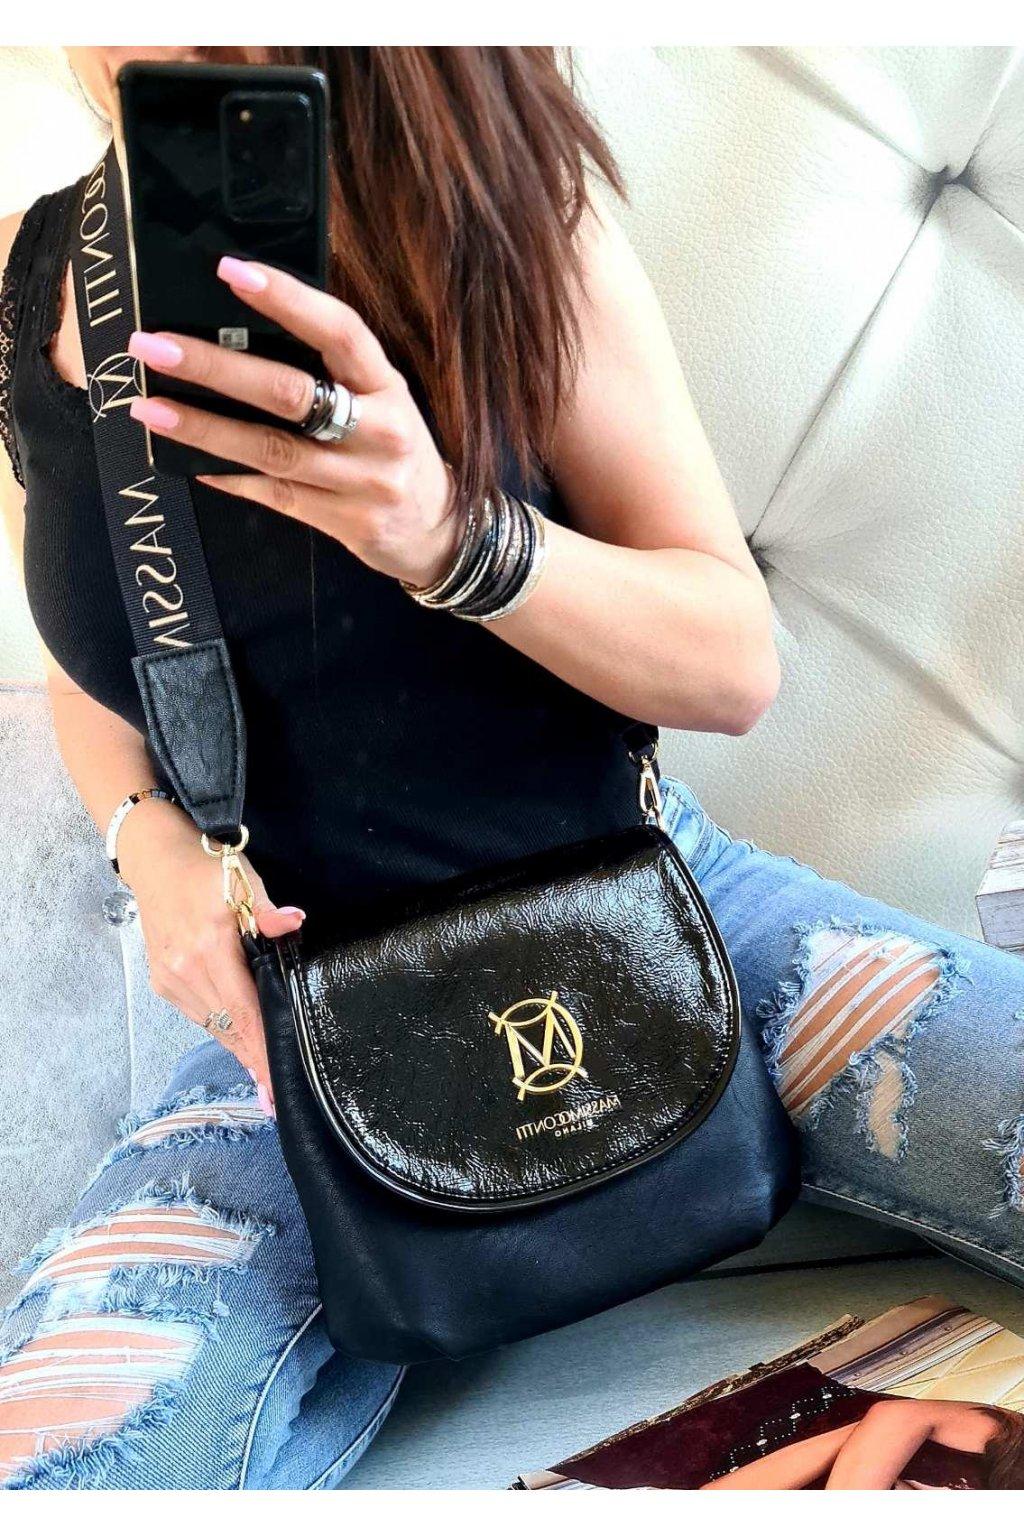 Massimo contti klopna černá luxusní značková kabelka italy fashion